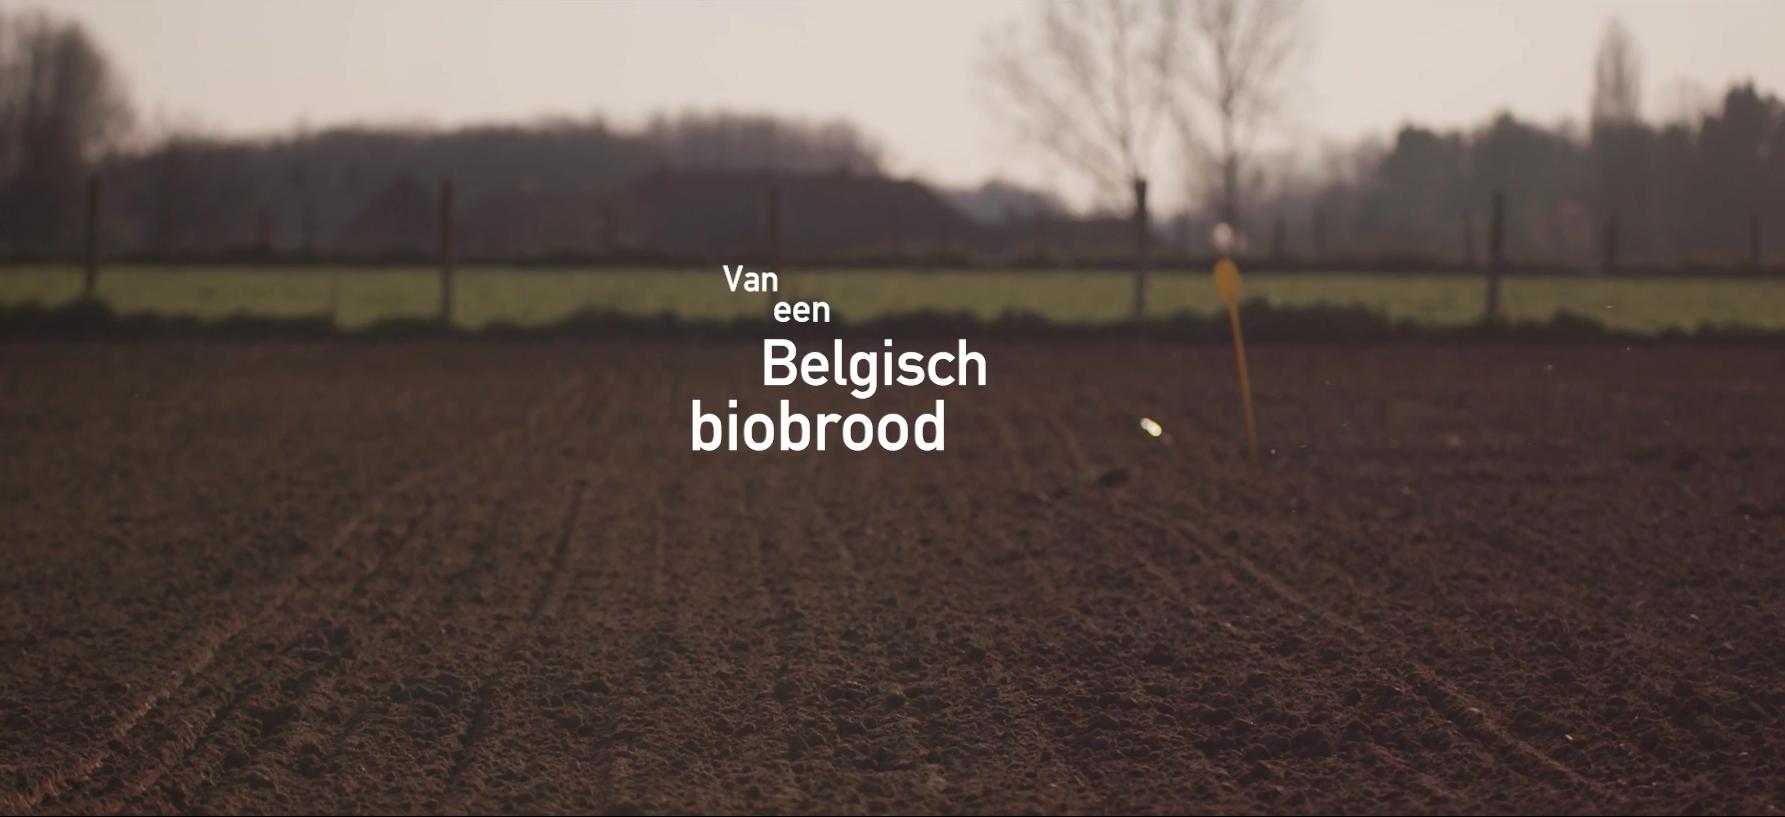 Dit is het verhaal van een Belgisch biobrood